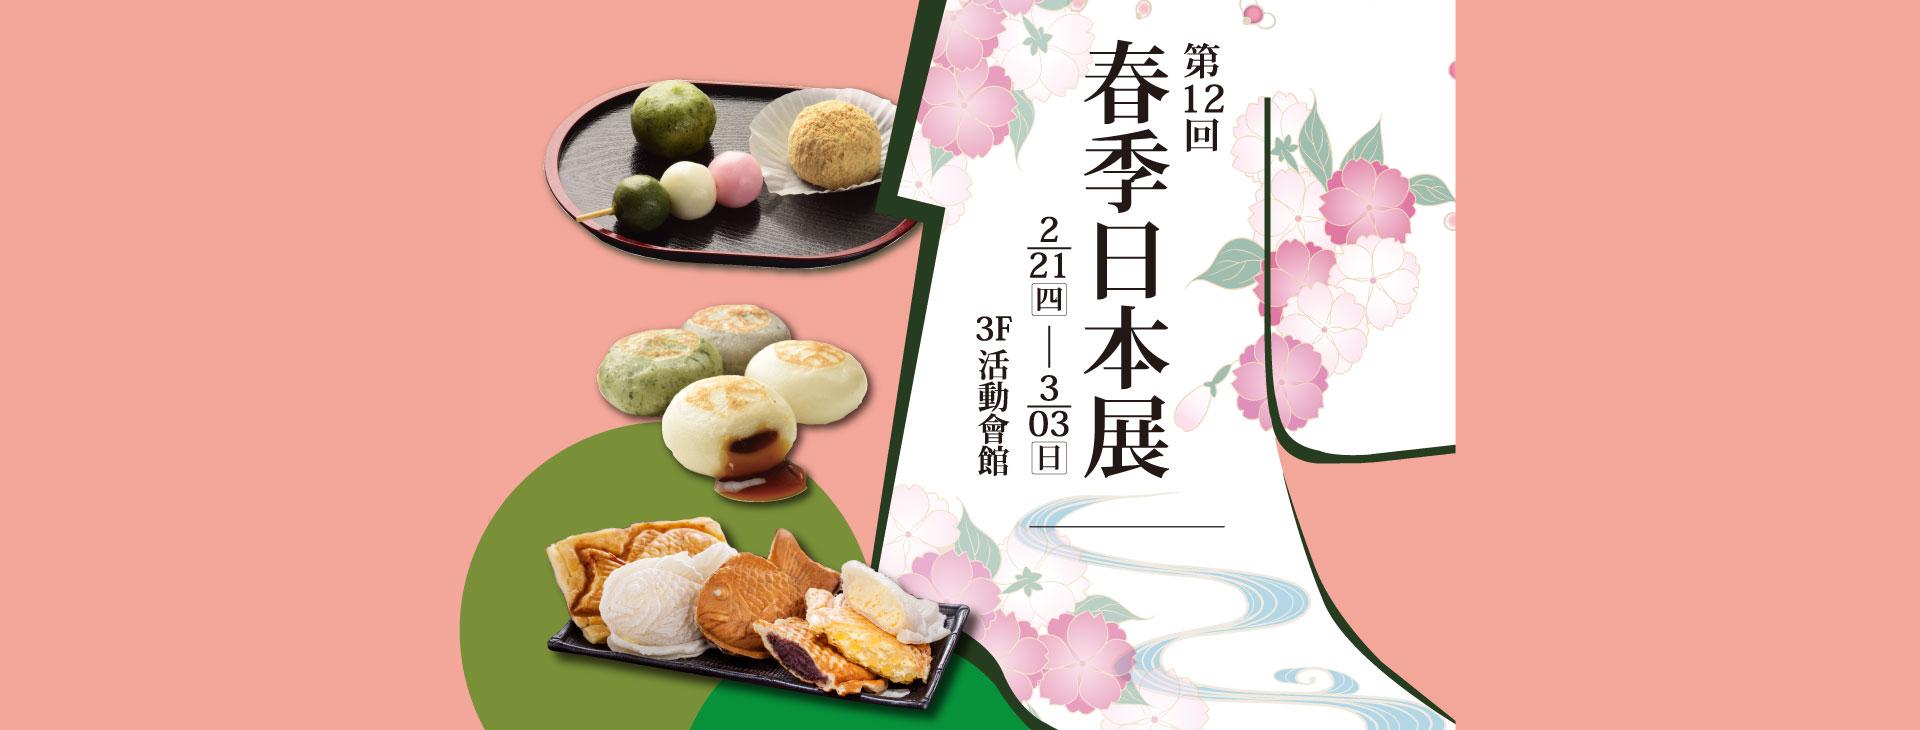 第十二回 春季日本展